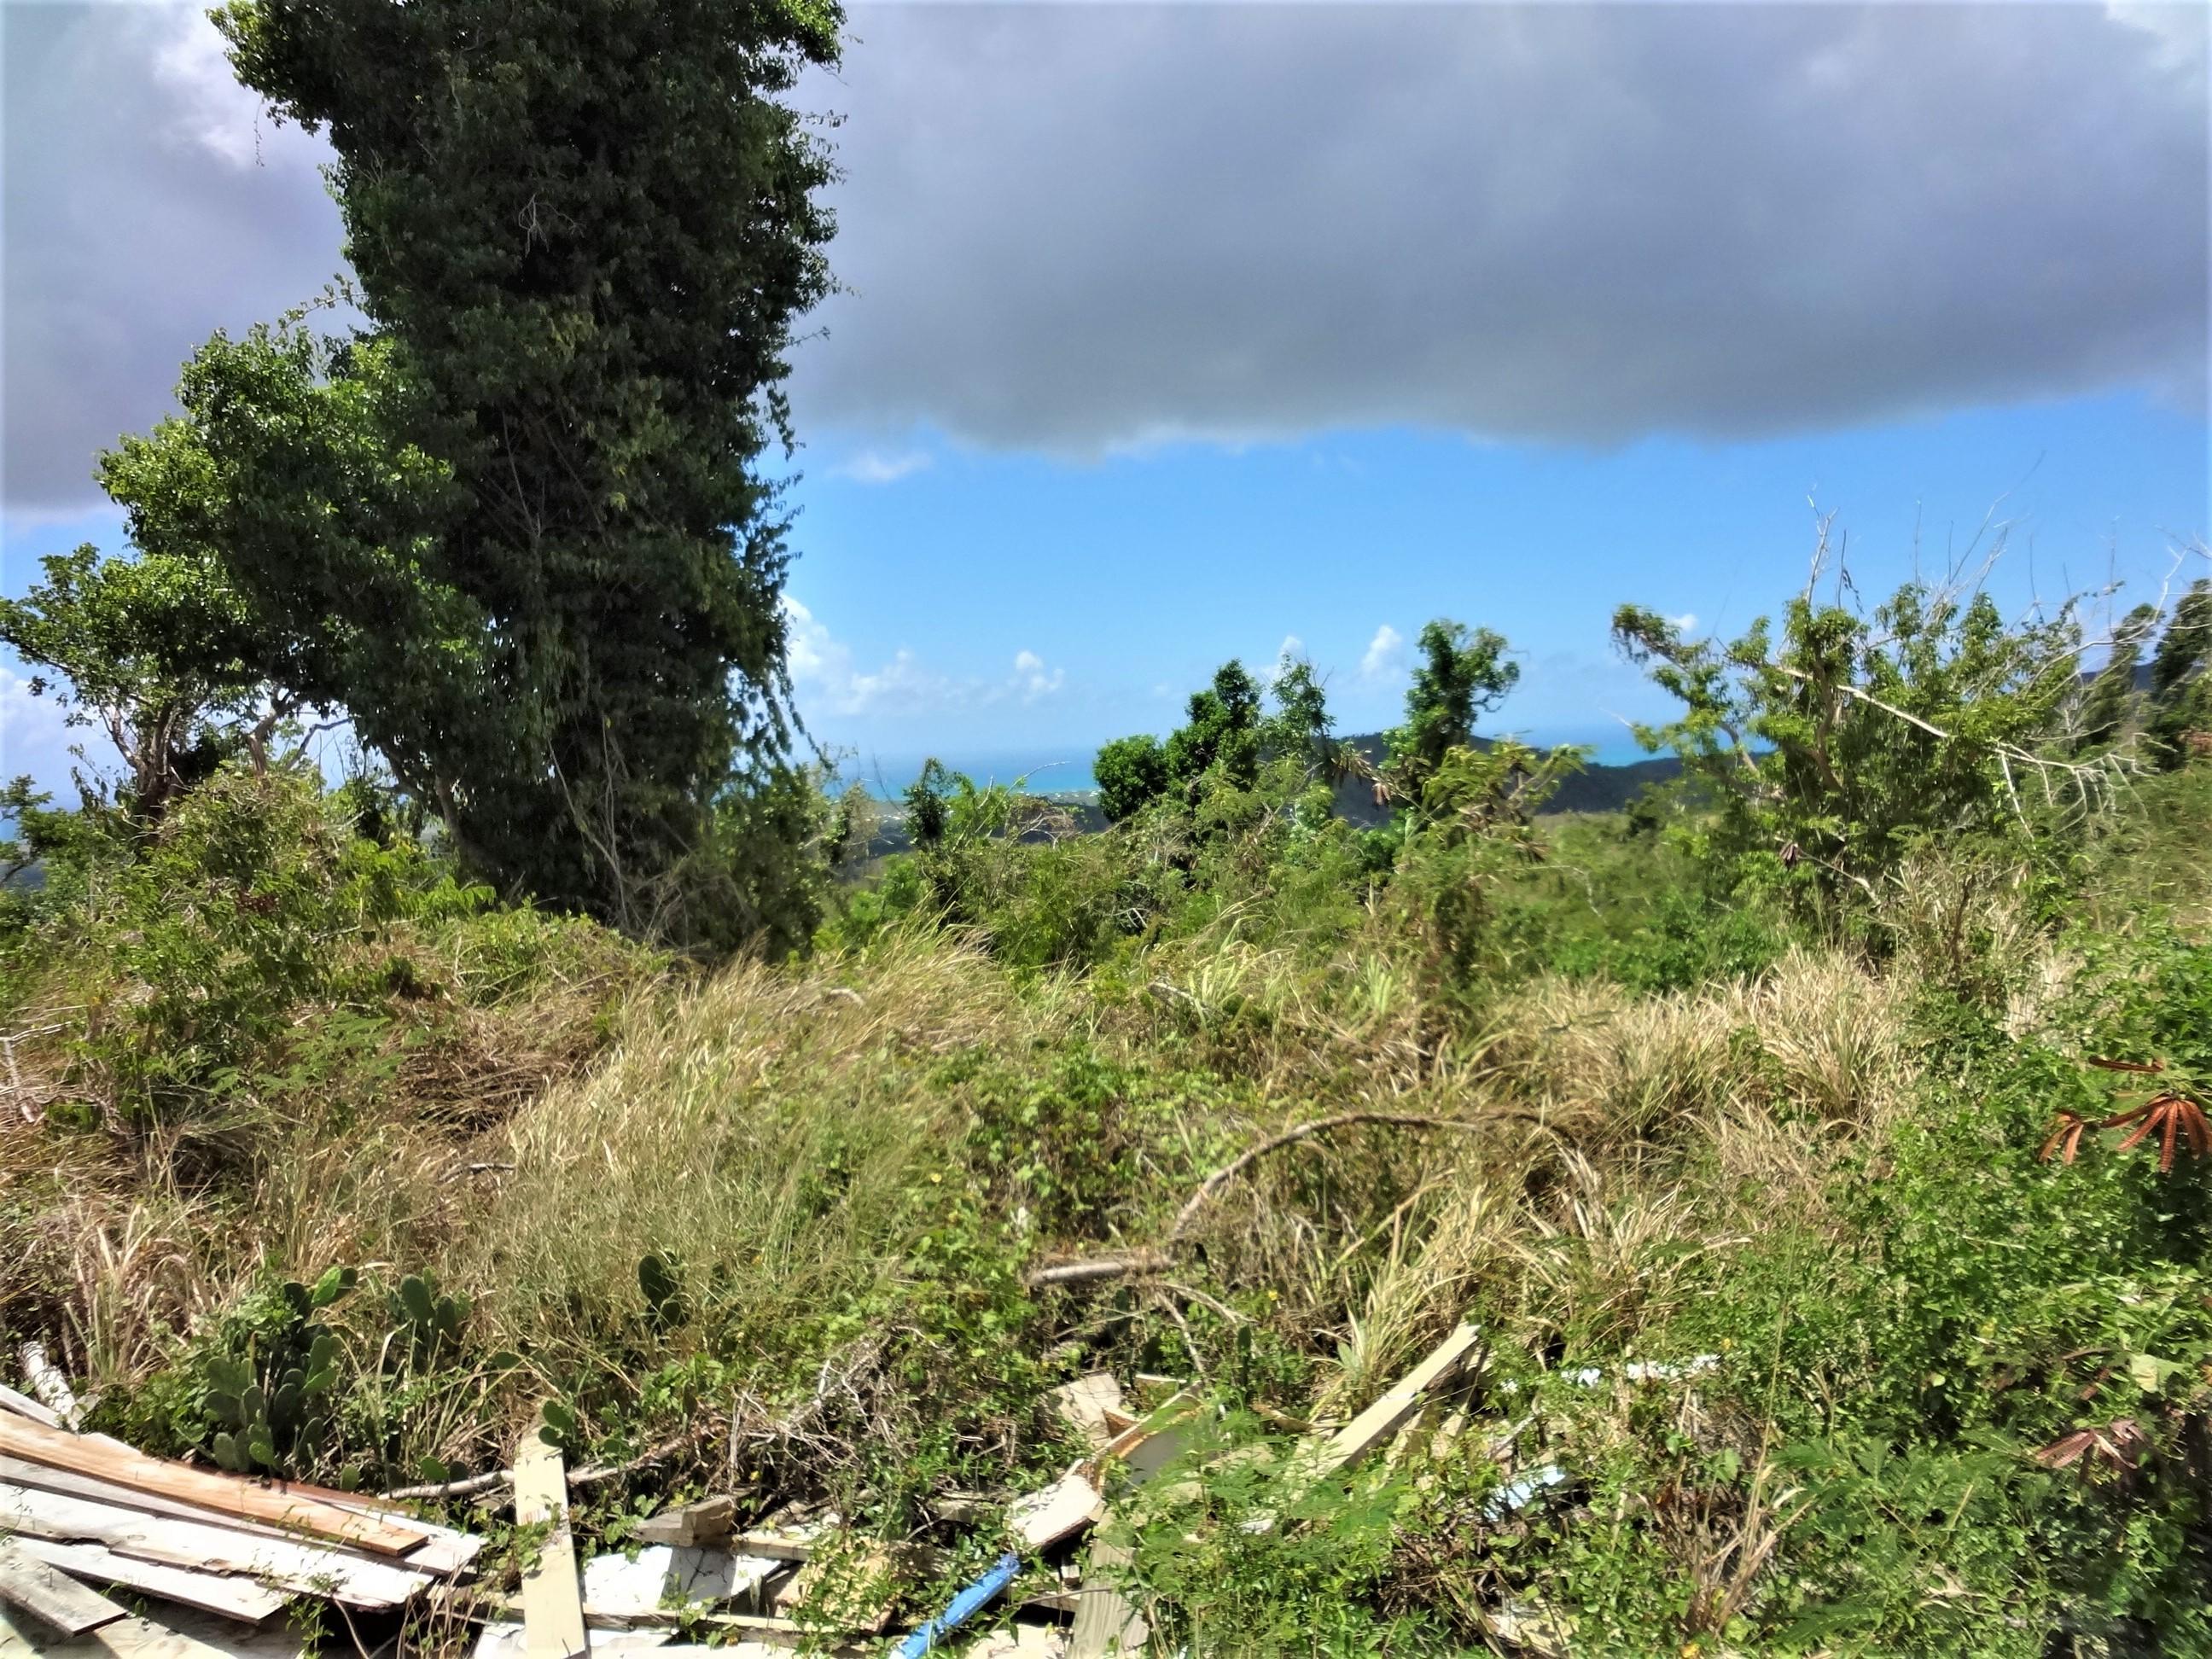 Land for Sale at 69 Hard Labor PR 69 Hard Labor PR St Croix, Virgin Islands 00850 United States Virgin Islands